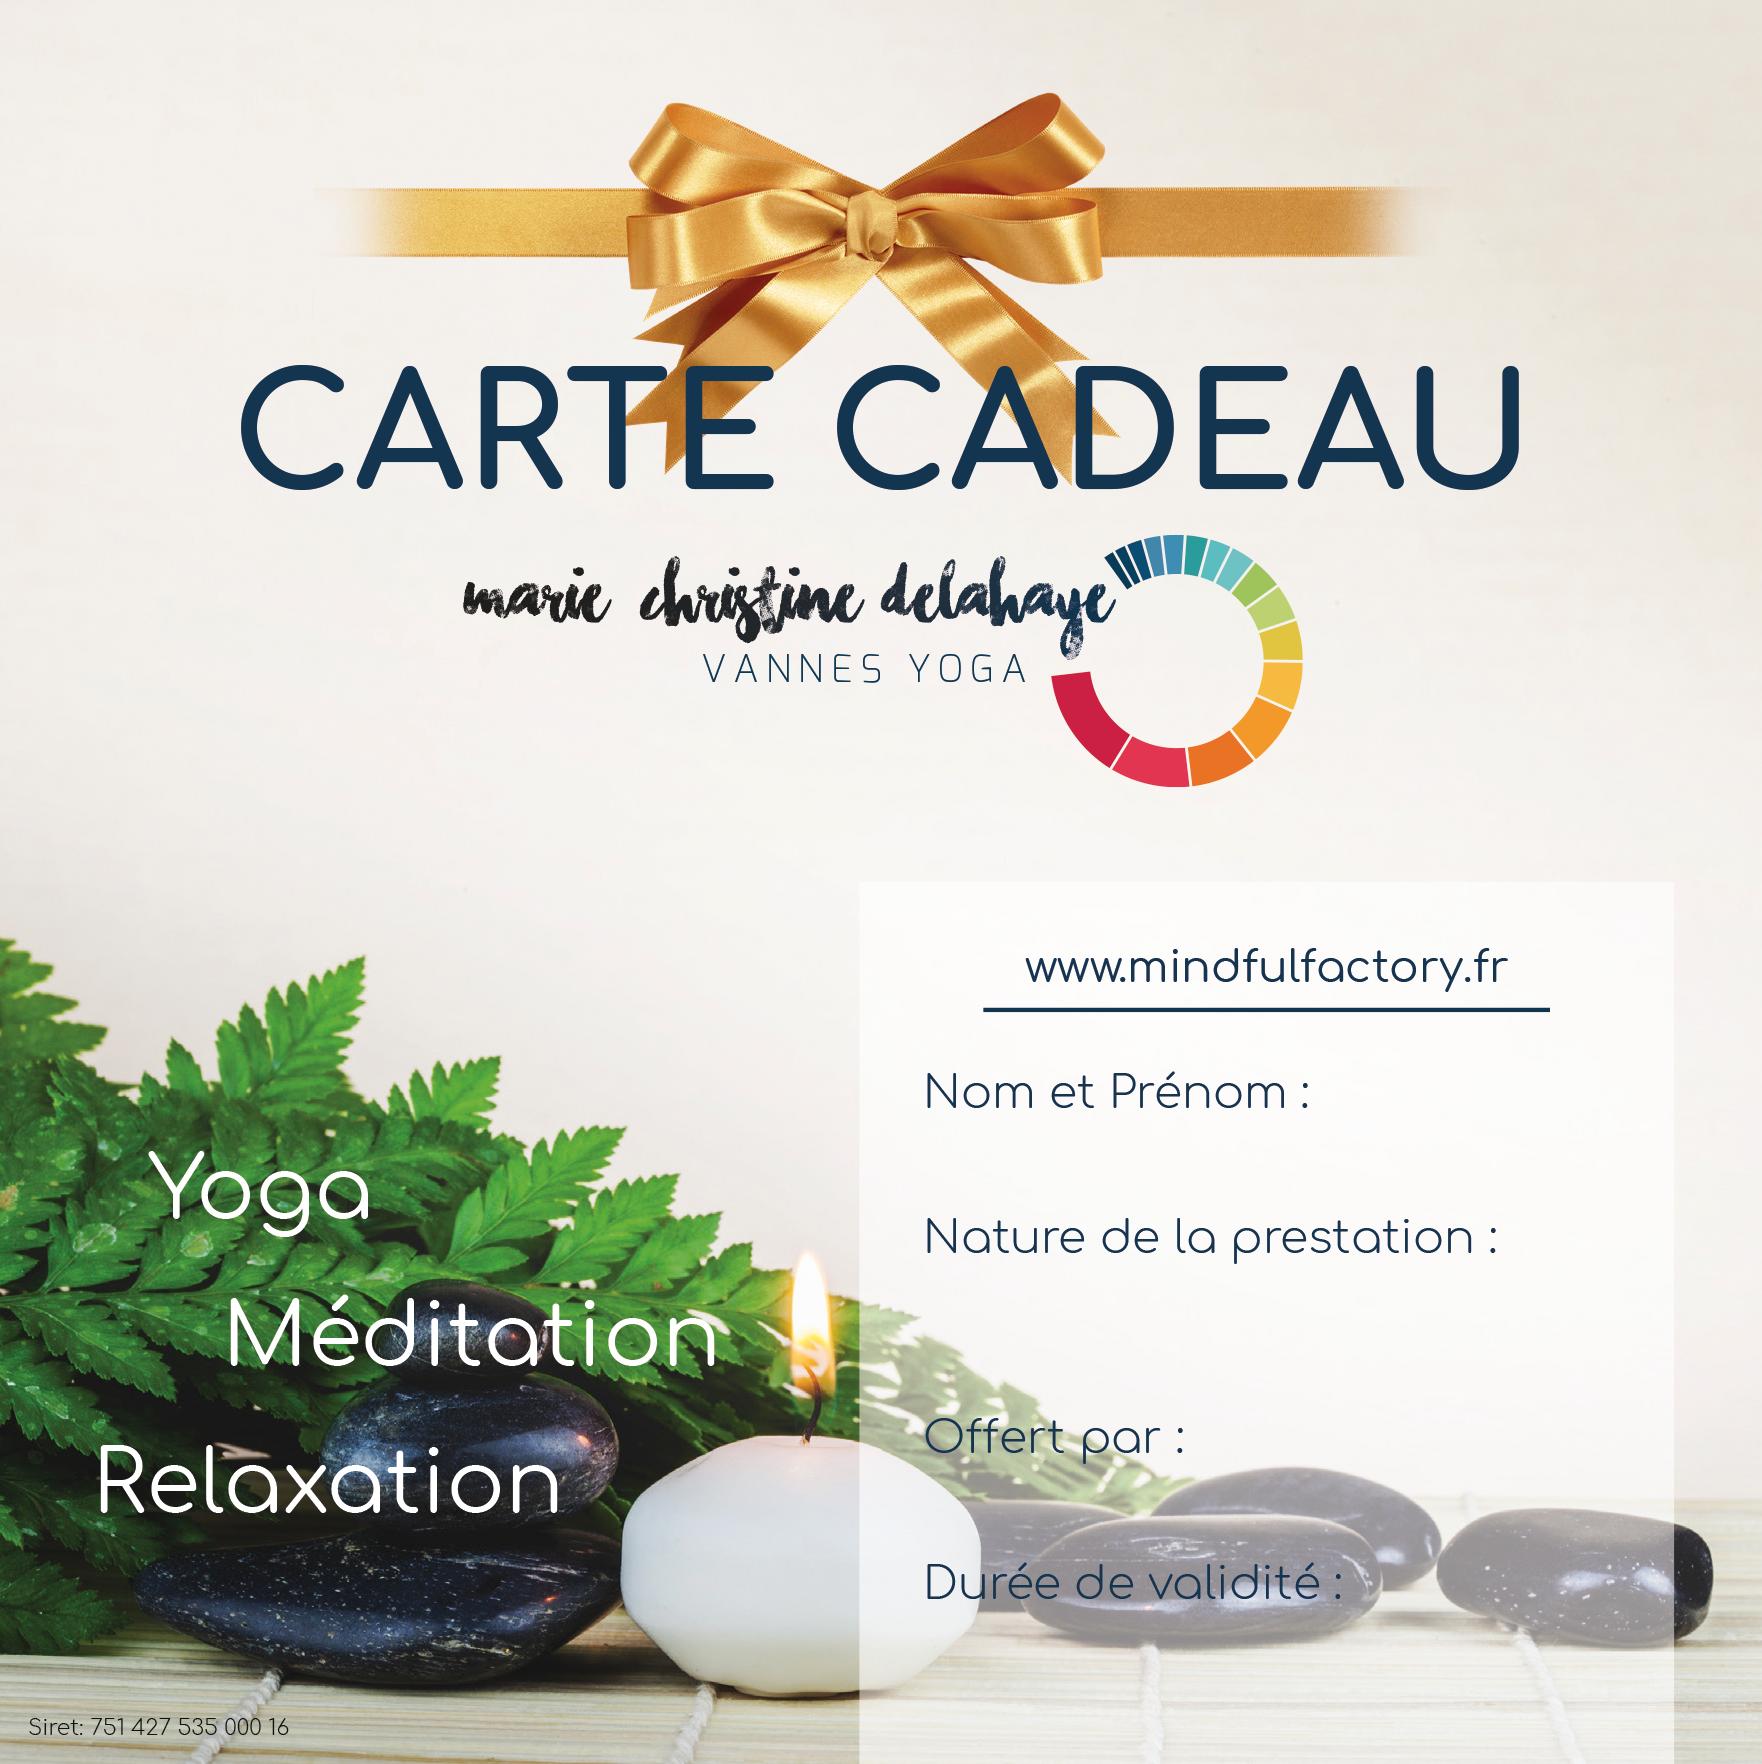 carte cadeau yoga méditation…pour prendre soin de ceux qu'on aime.